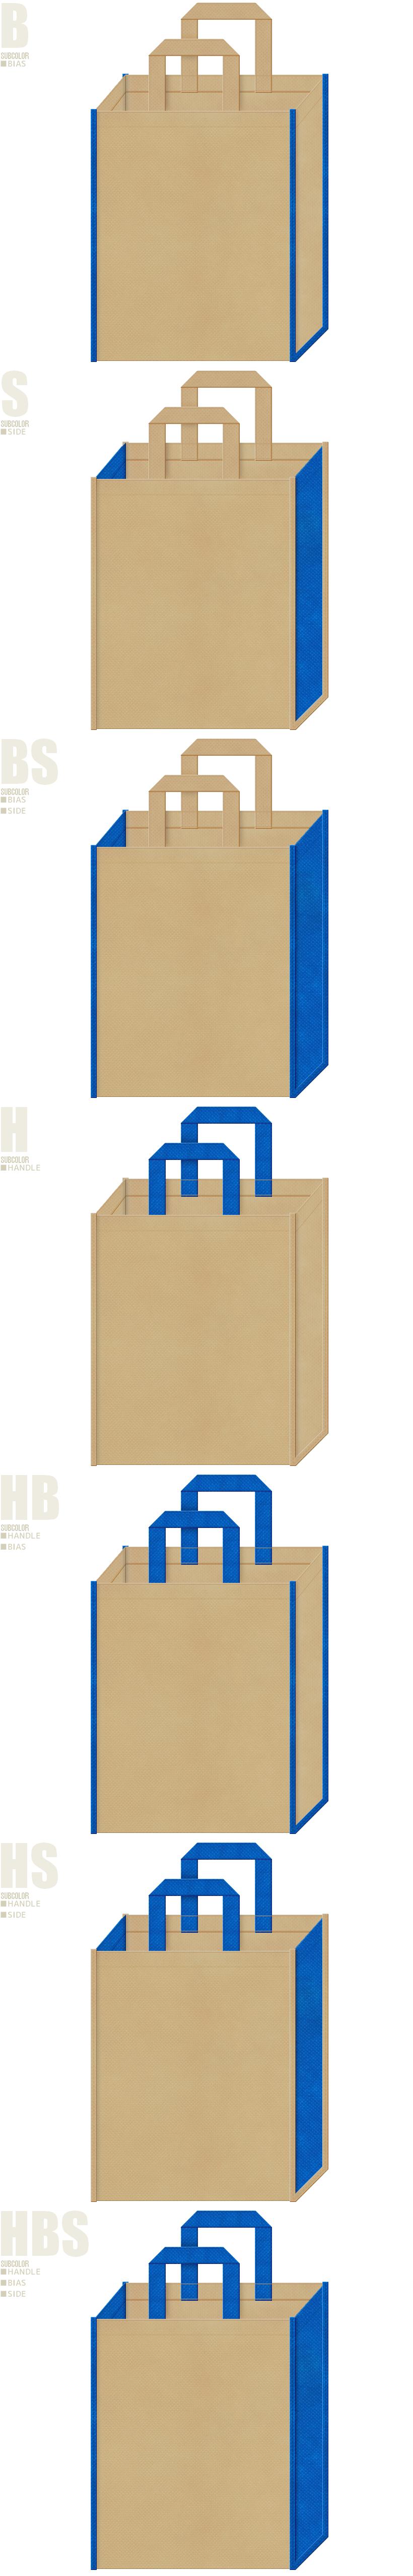 不織布トートバッグのデザイン例-不織布メインカラーNo.21+サブカラーNo.22の2色7パターン